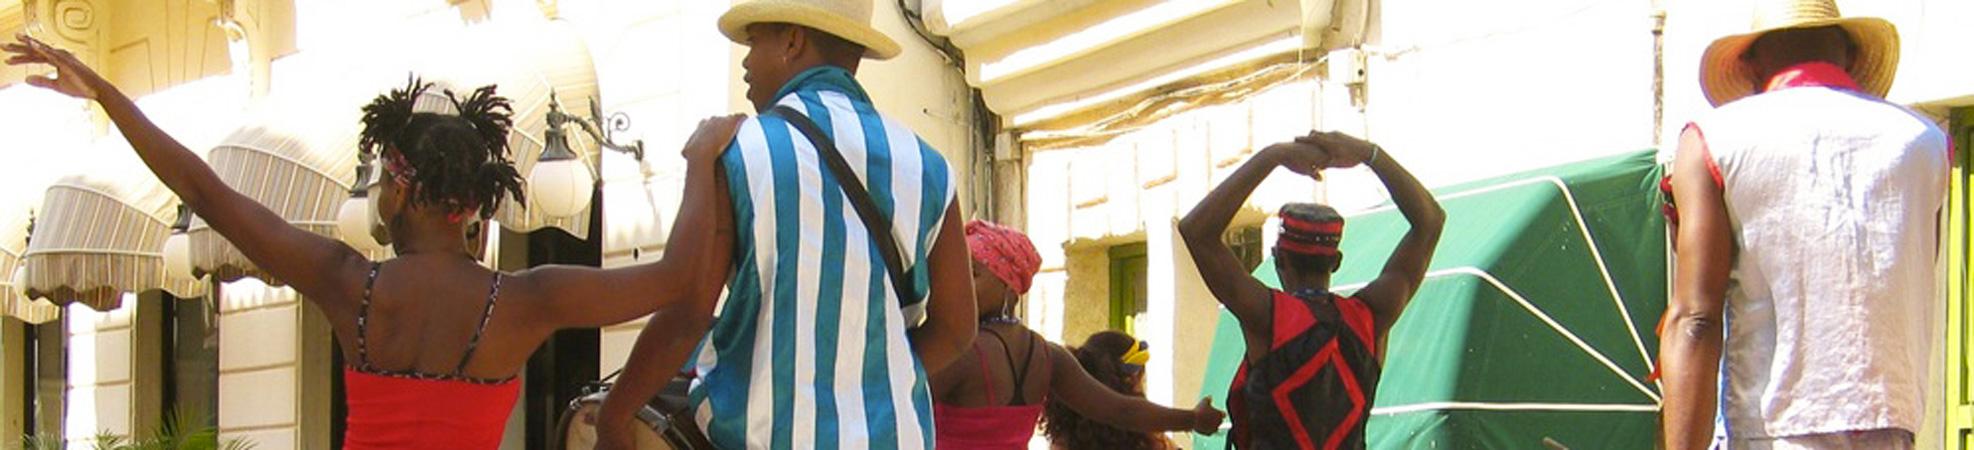 Tradition et artisanat à Cuba